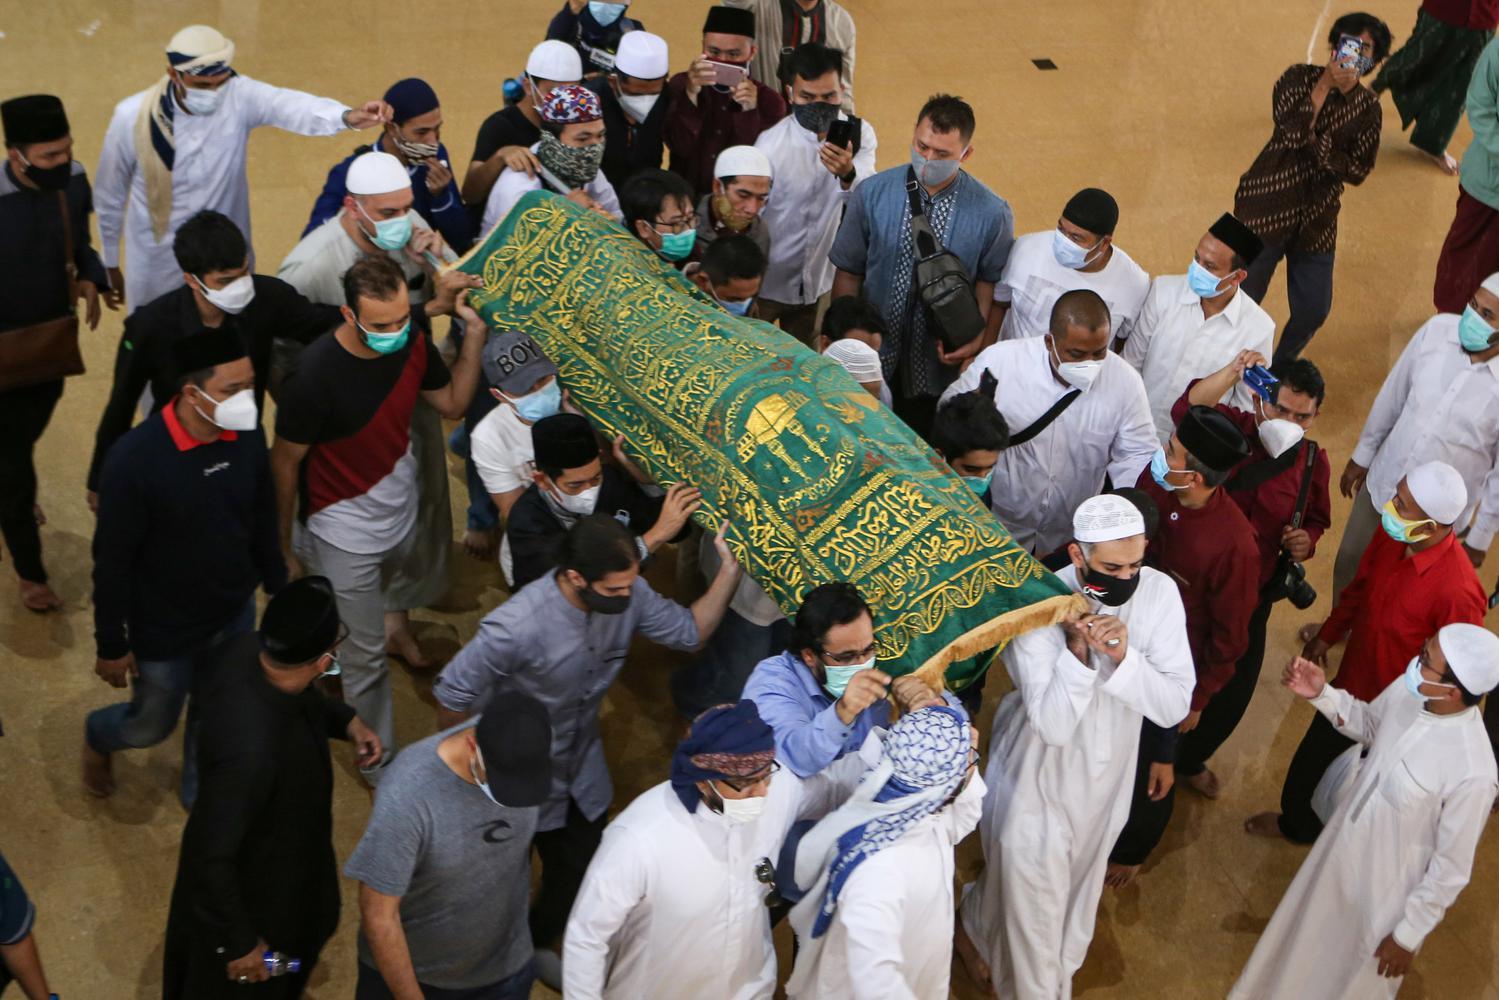 Sejumlah keluarga dan kerabat mengusung jenazah Syekh Ali Jaber menuju tempat pemakaman usai disalatkan di Pesantren Daarul Quran, Cipondoh, Kota Tangerang, Banten, Kamis (14/1/2021). Syekh Ali Jeber meninggal dunia di usia 44 tahun akibat sakit.